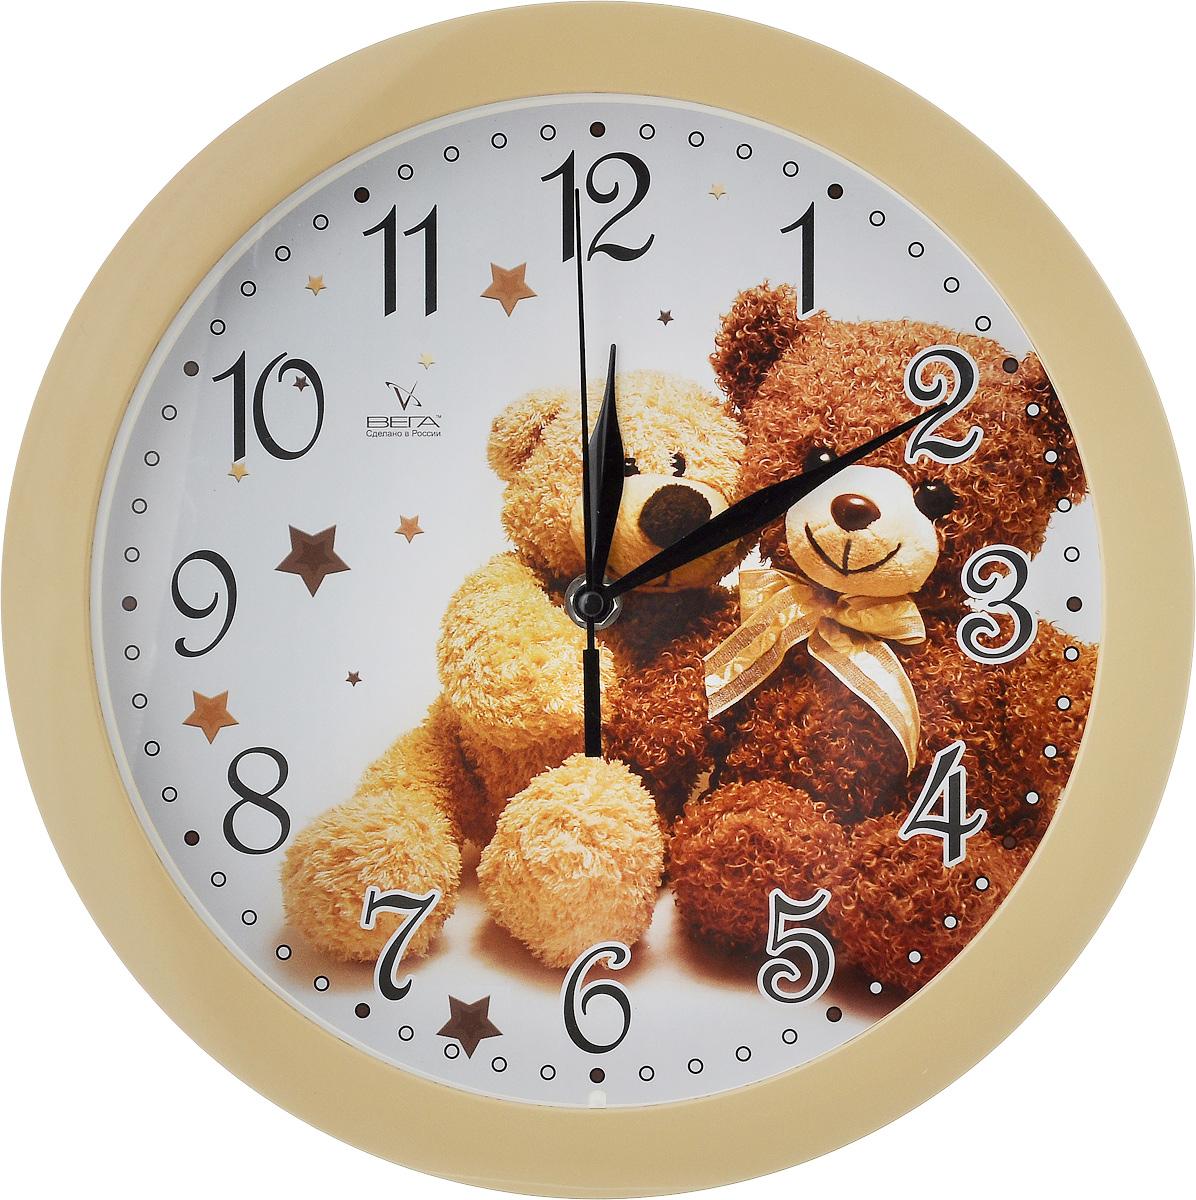 Часы настенные Вега Два медвежонка, диаметр 28,5 смП1-14/7-216Настенные кварцевые часы Вега Два медвежонка, изготовленные из пластика, прекрасно впишутся в интерьер вашего дома. Круглые часы имеют три стрелки: часовую, минутную и секундную, циферблат защищен прозрачным стеклом. Часы работают от 1 батарейки типа АА напряжением 1,5 В (не входит в комплект). Диаметр часов: 28,5 см.